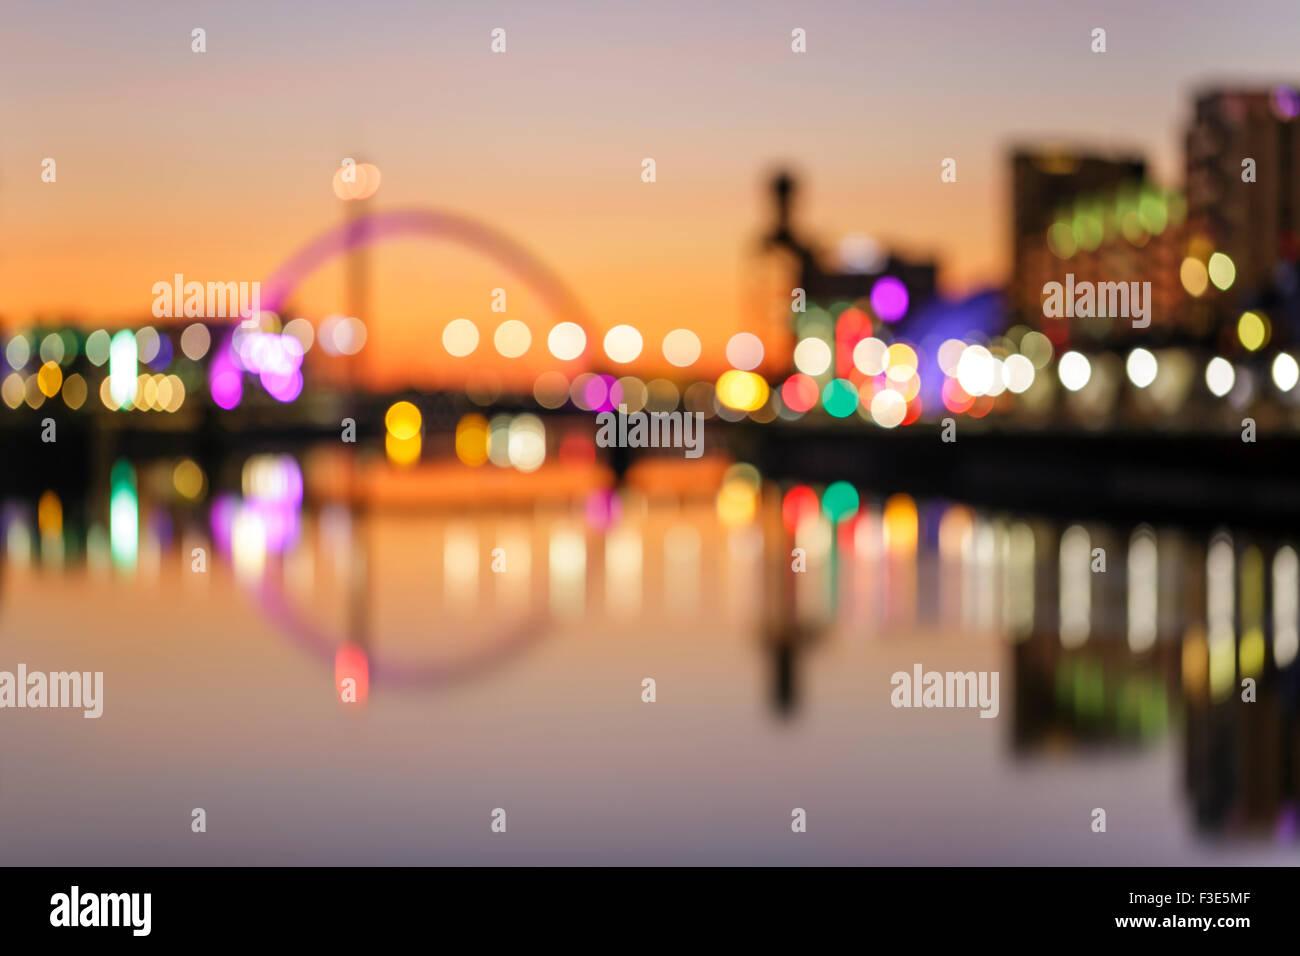 Le pont de Clyde Arc défoqué se reflète dans la rivière Clyde au coucher du soleil, Glasgow, Écosse, Royaume-Uni Banque D'Images